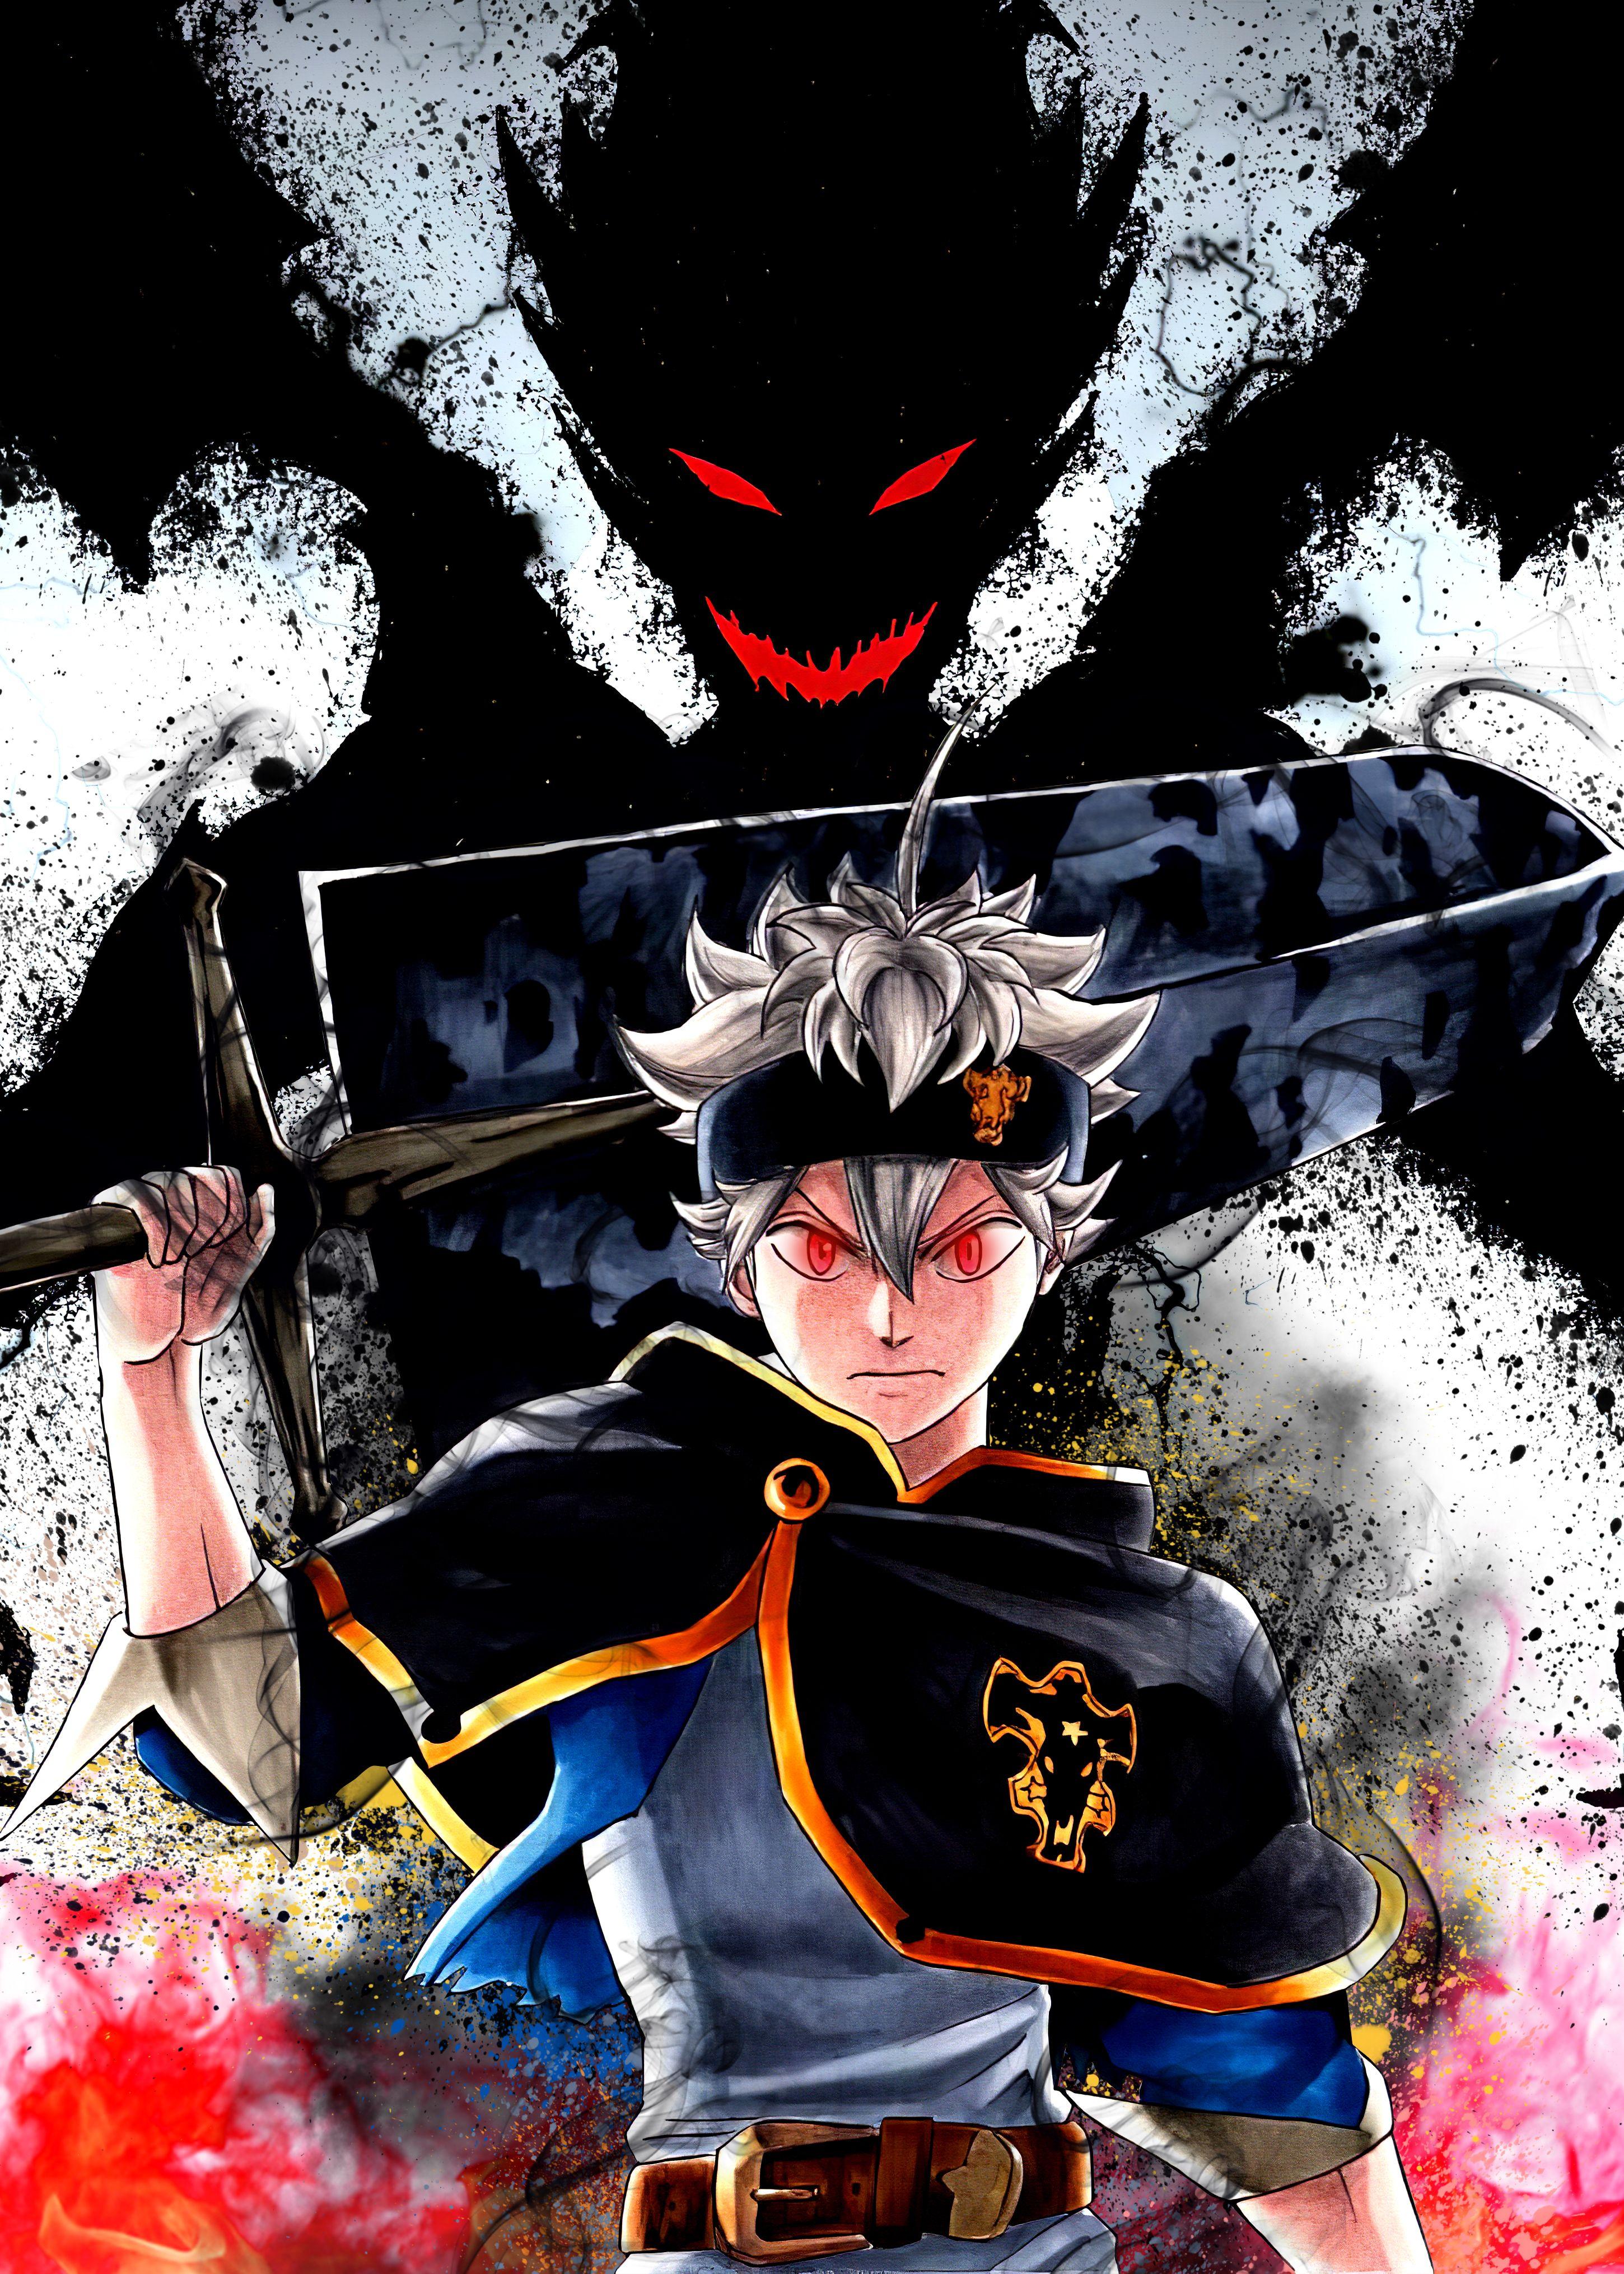 39 Black Clover Asta Metal Poster Black Clover Manga Black Clover Anime Black Anime Characters